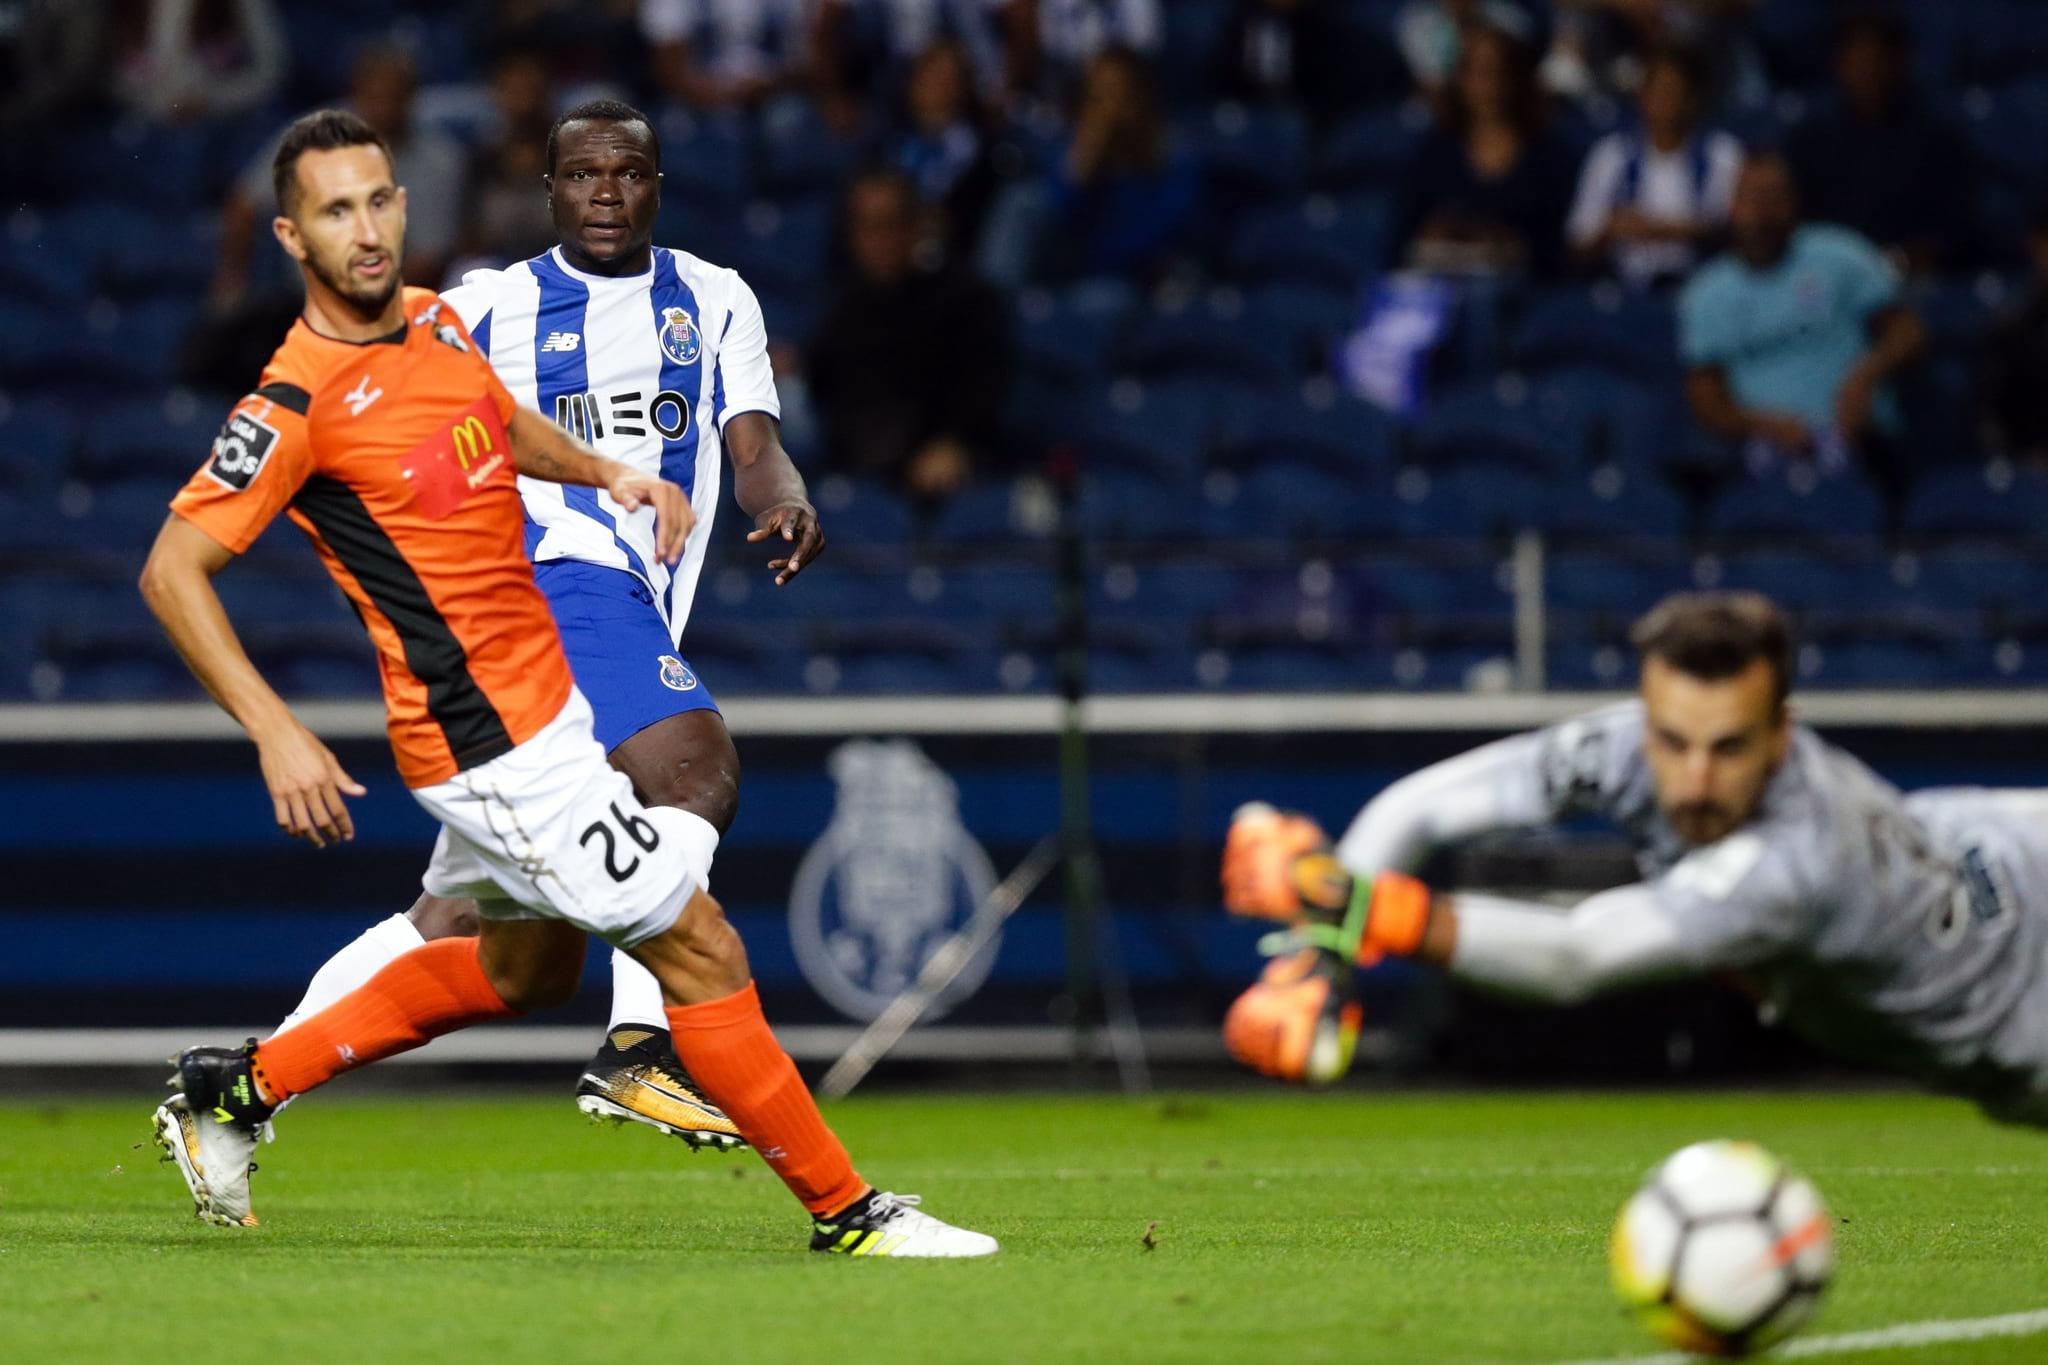 PÚBLICO - FC Porto de mão-cheia bate Portimonense atrevido